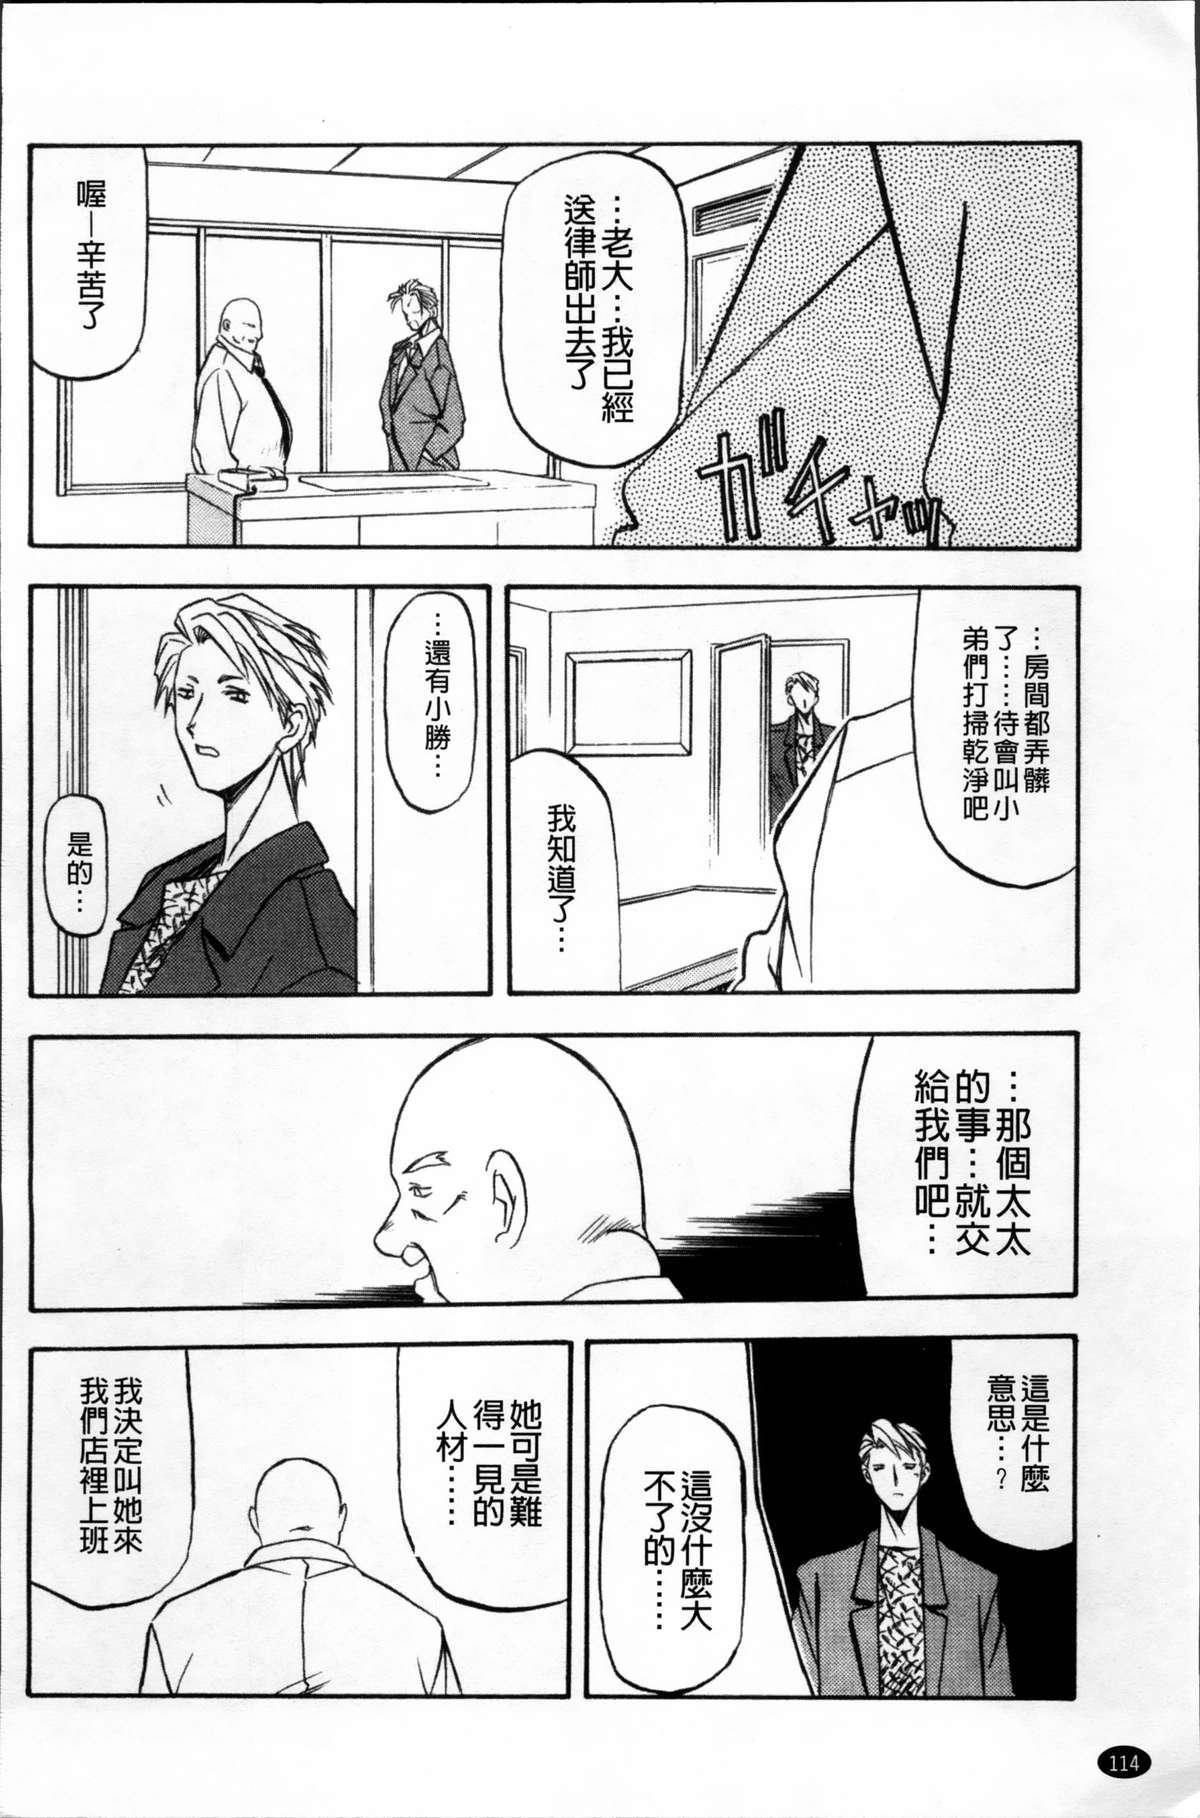 Hiiro no Koku Kanzenban   緋色之刻 完全版 117